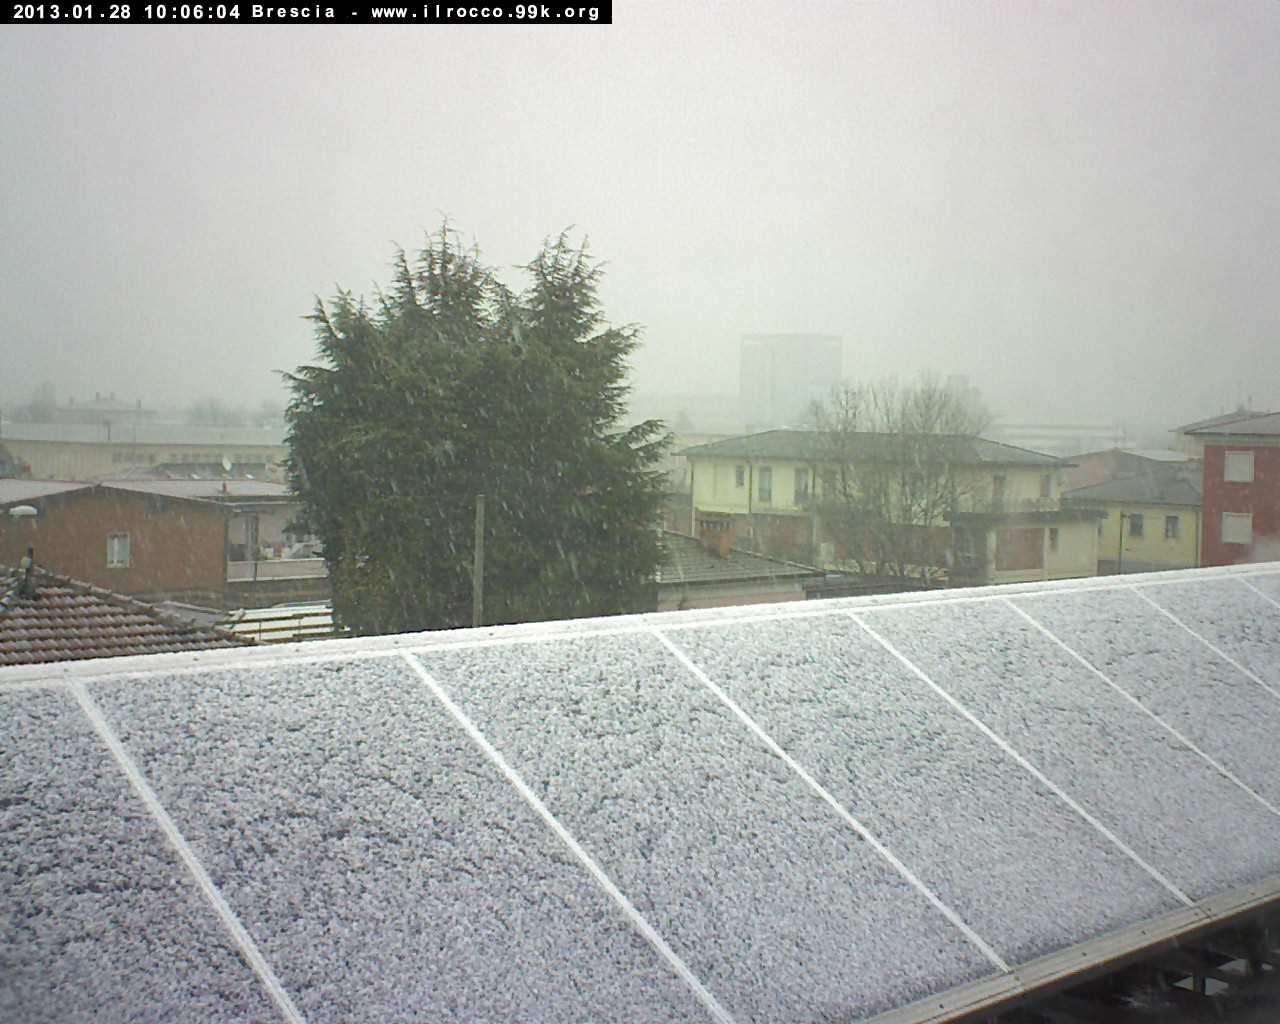 Brescia sotto una nevicata moderata